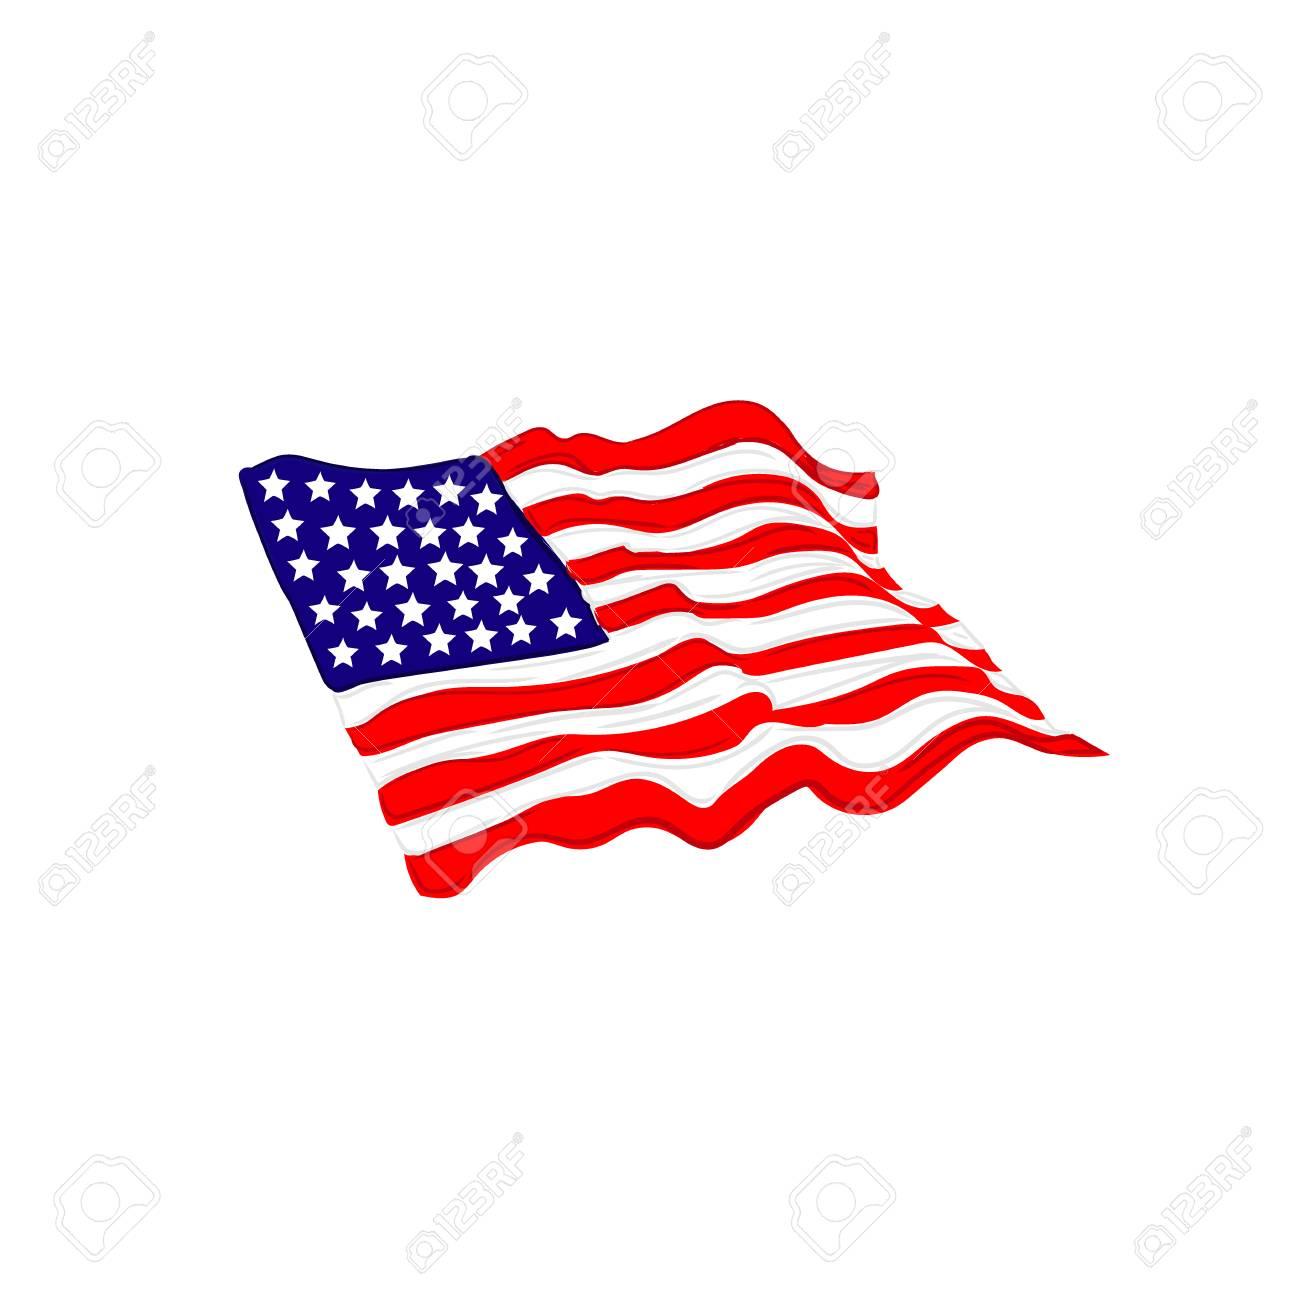 Bandera De Estados Unidos Estados Unidos Estilo De Dibujo Ilustración Vectorial